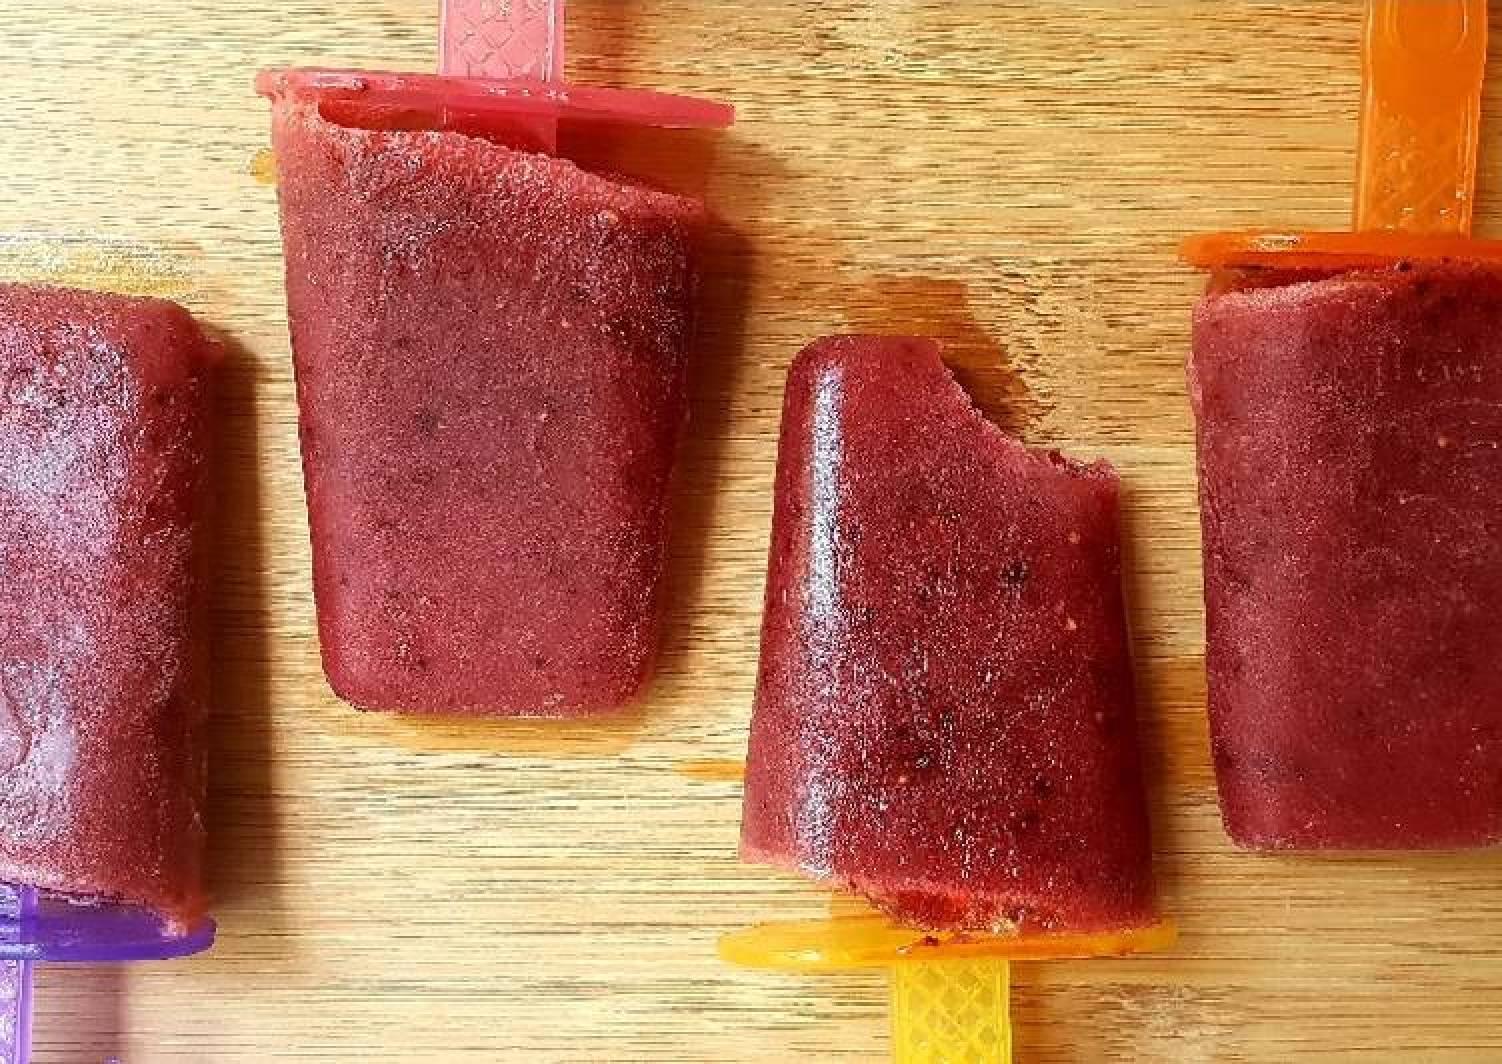 Berry tea ice lollies